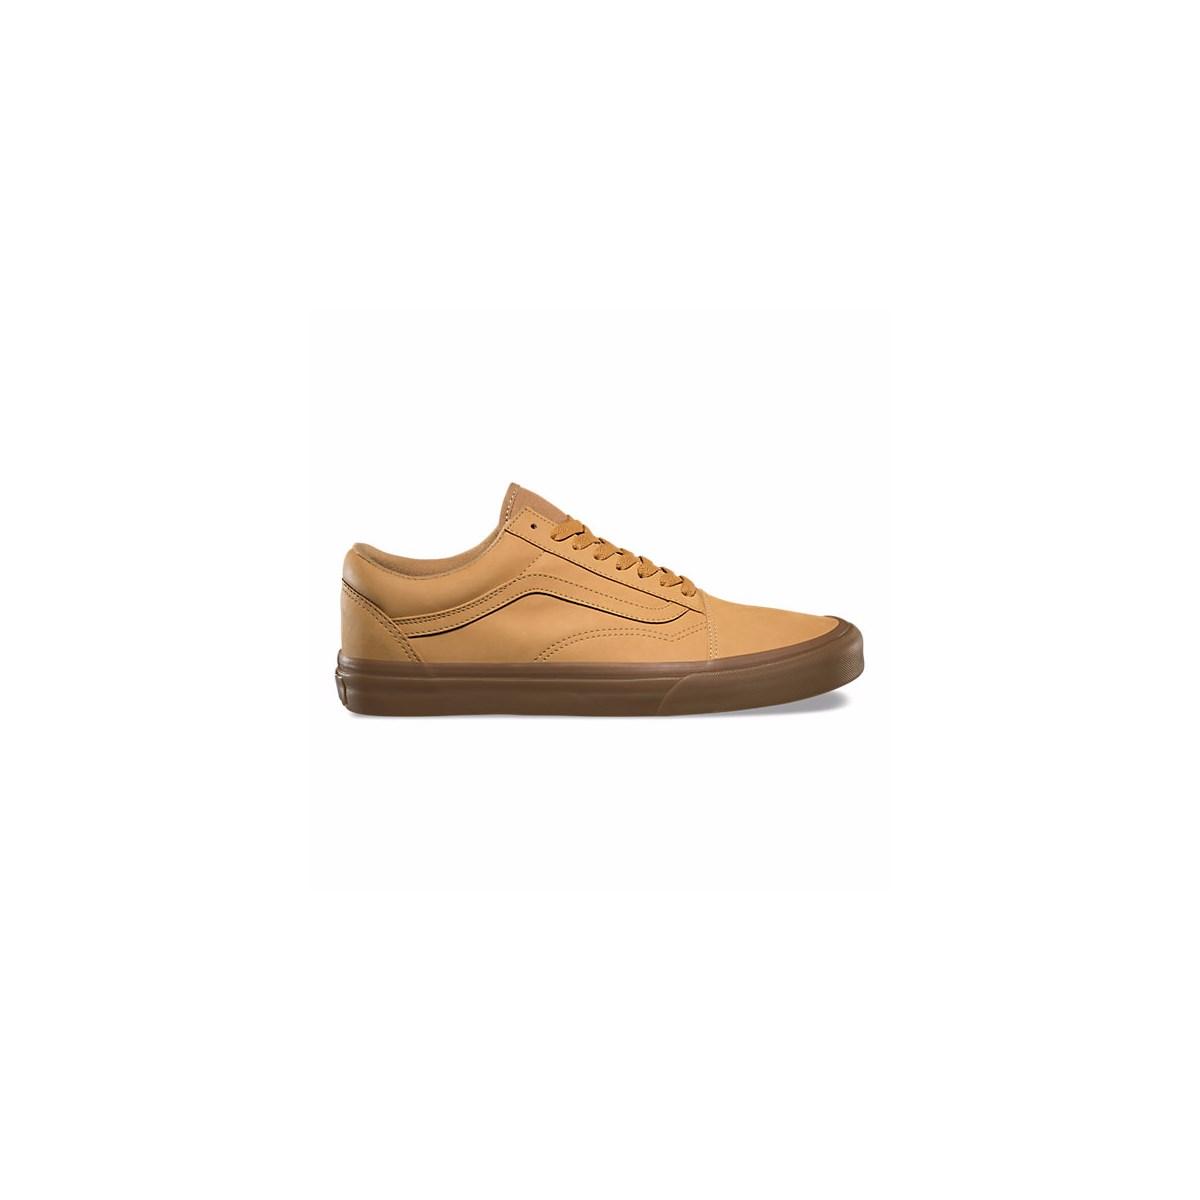 18a78299c65158 Men s Old Skool Vansbuck Camel Sneaker